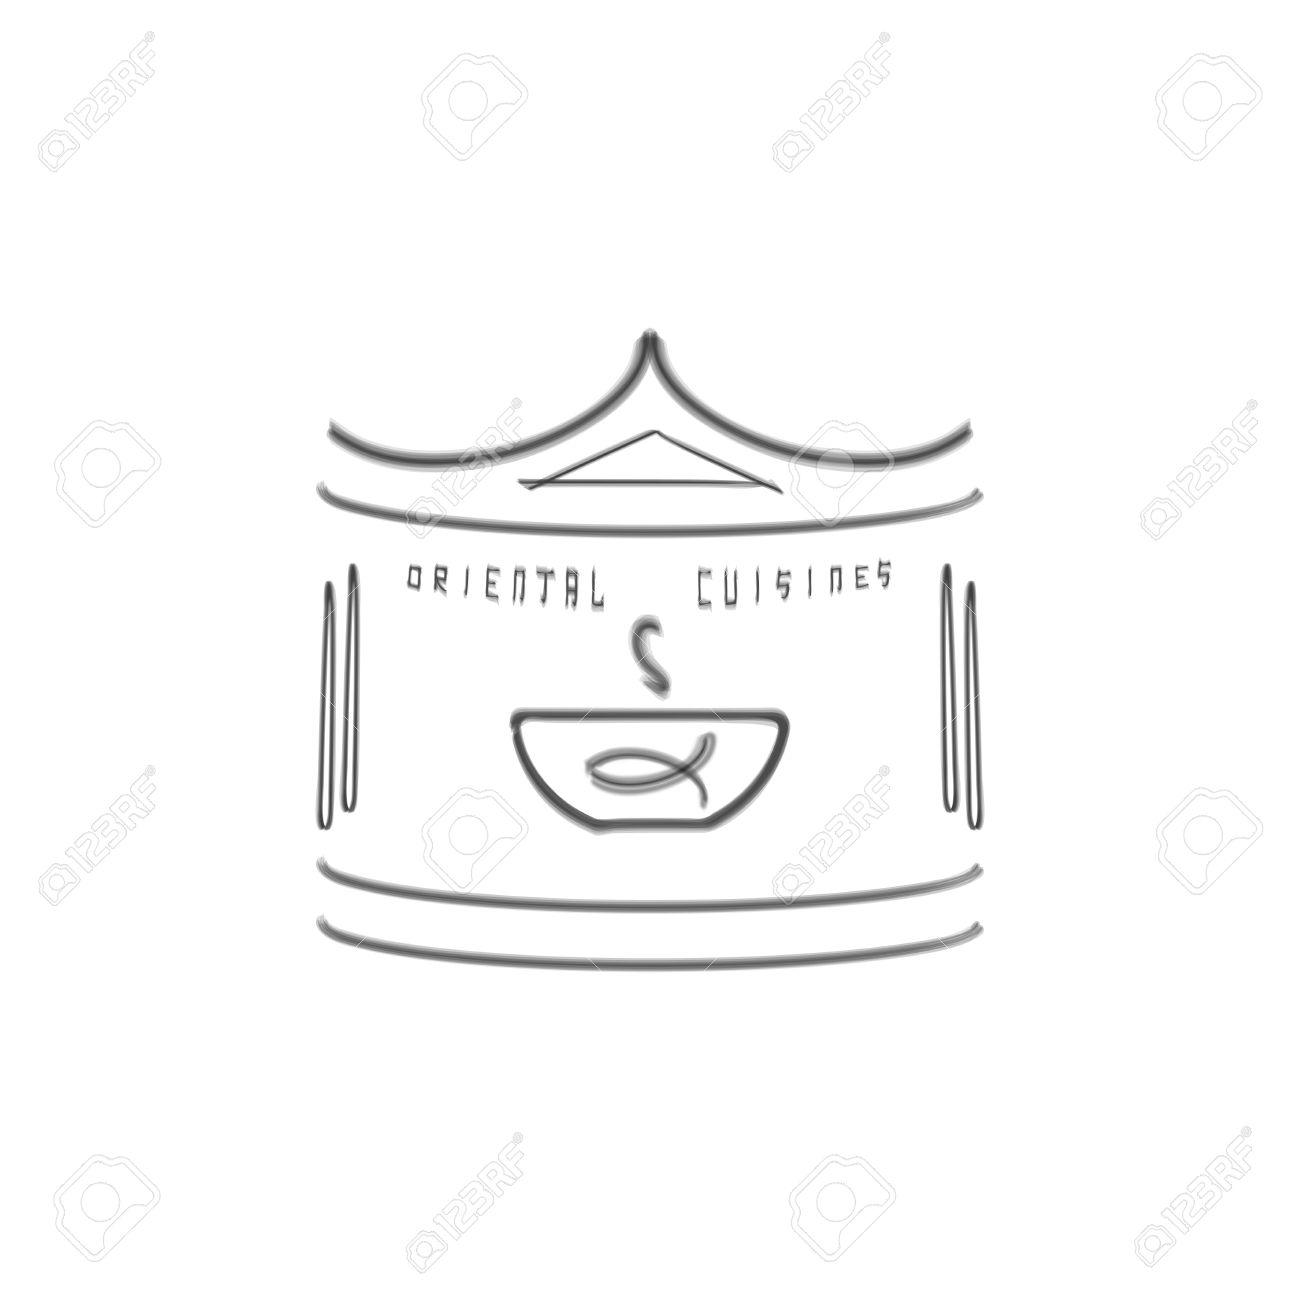 Plantilla De Logotipo Para La Cocina Oriental Negocio. Diseño étnico ...